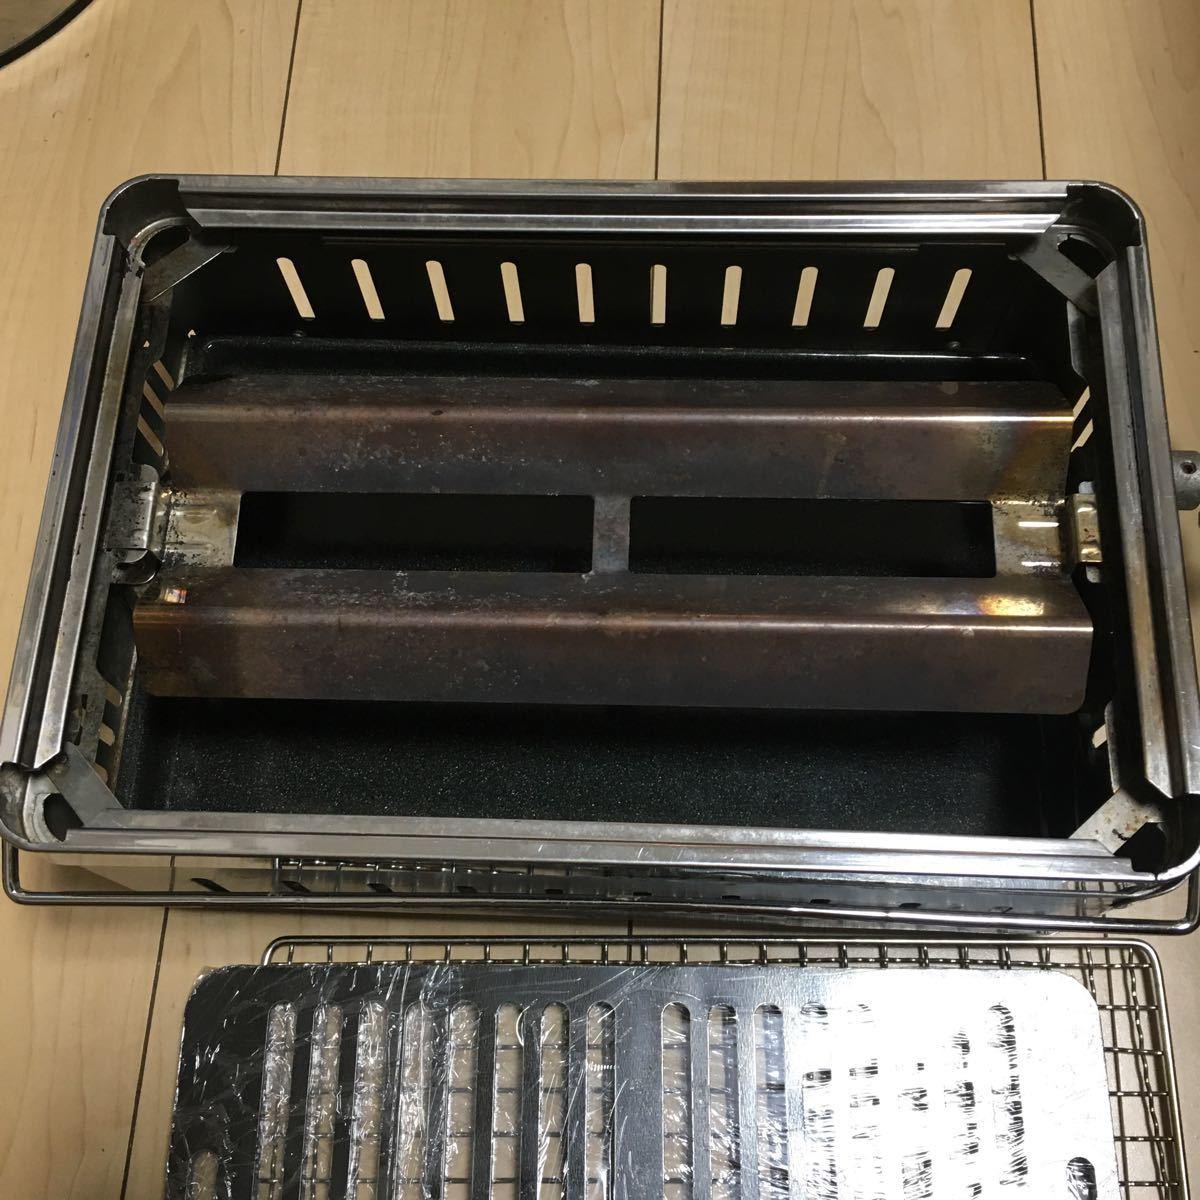 イワタニ 炉端大将 焼き網 グリルプレート付き バーベキュー ガスコンロ